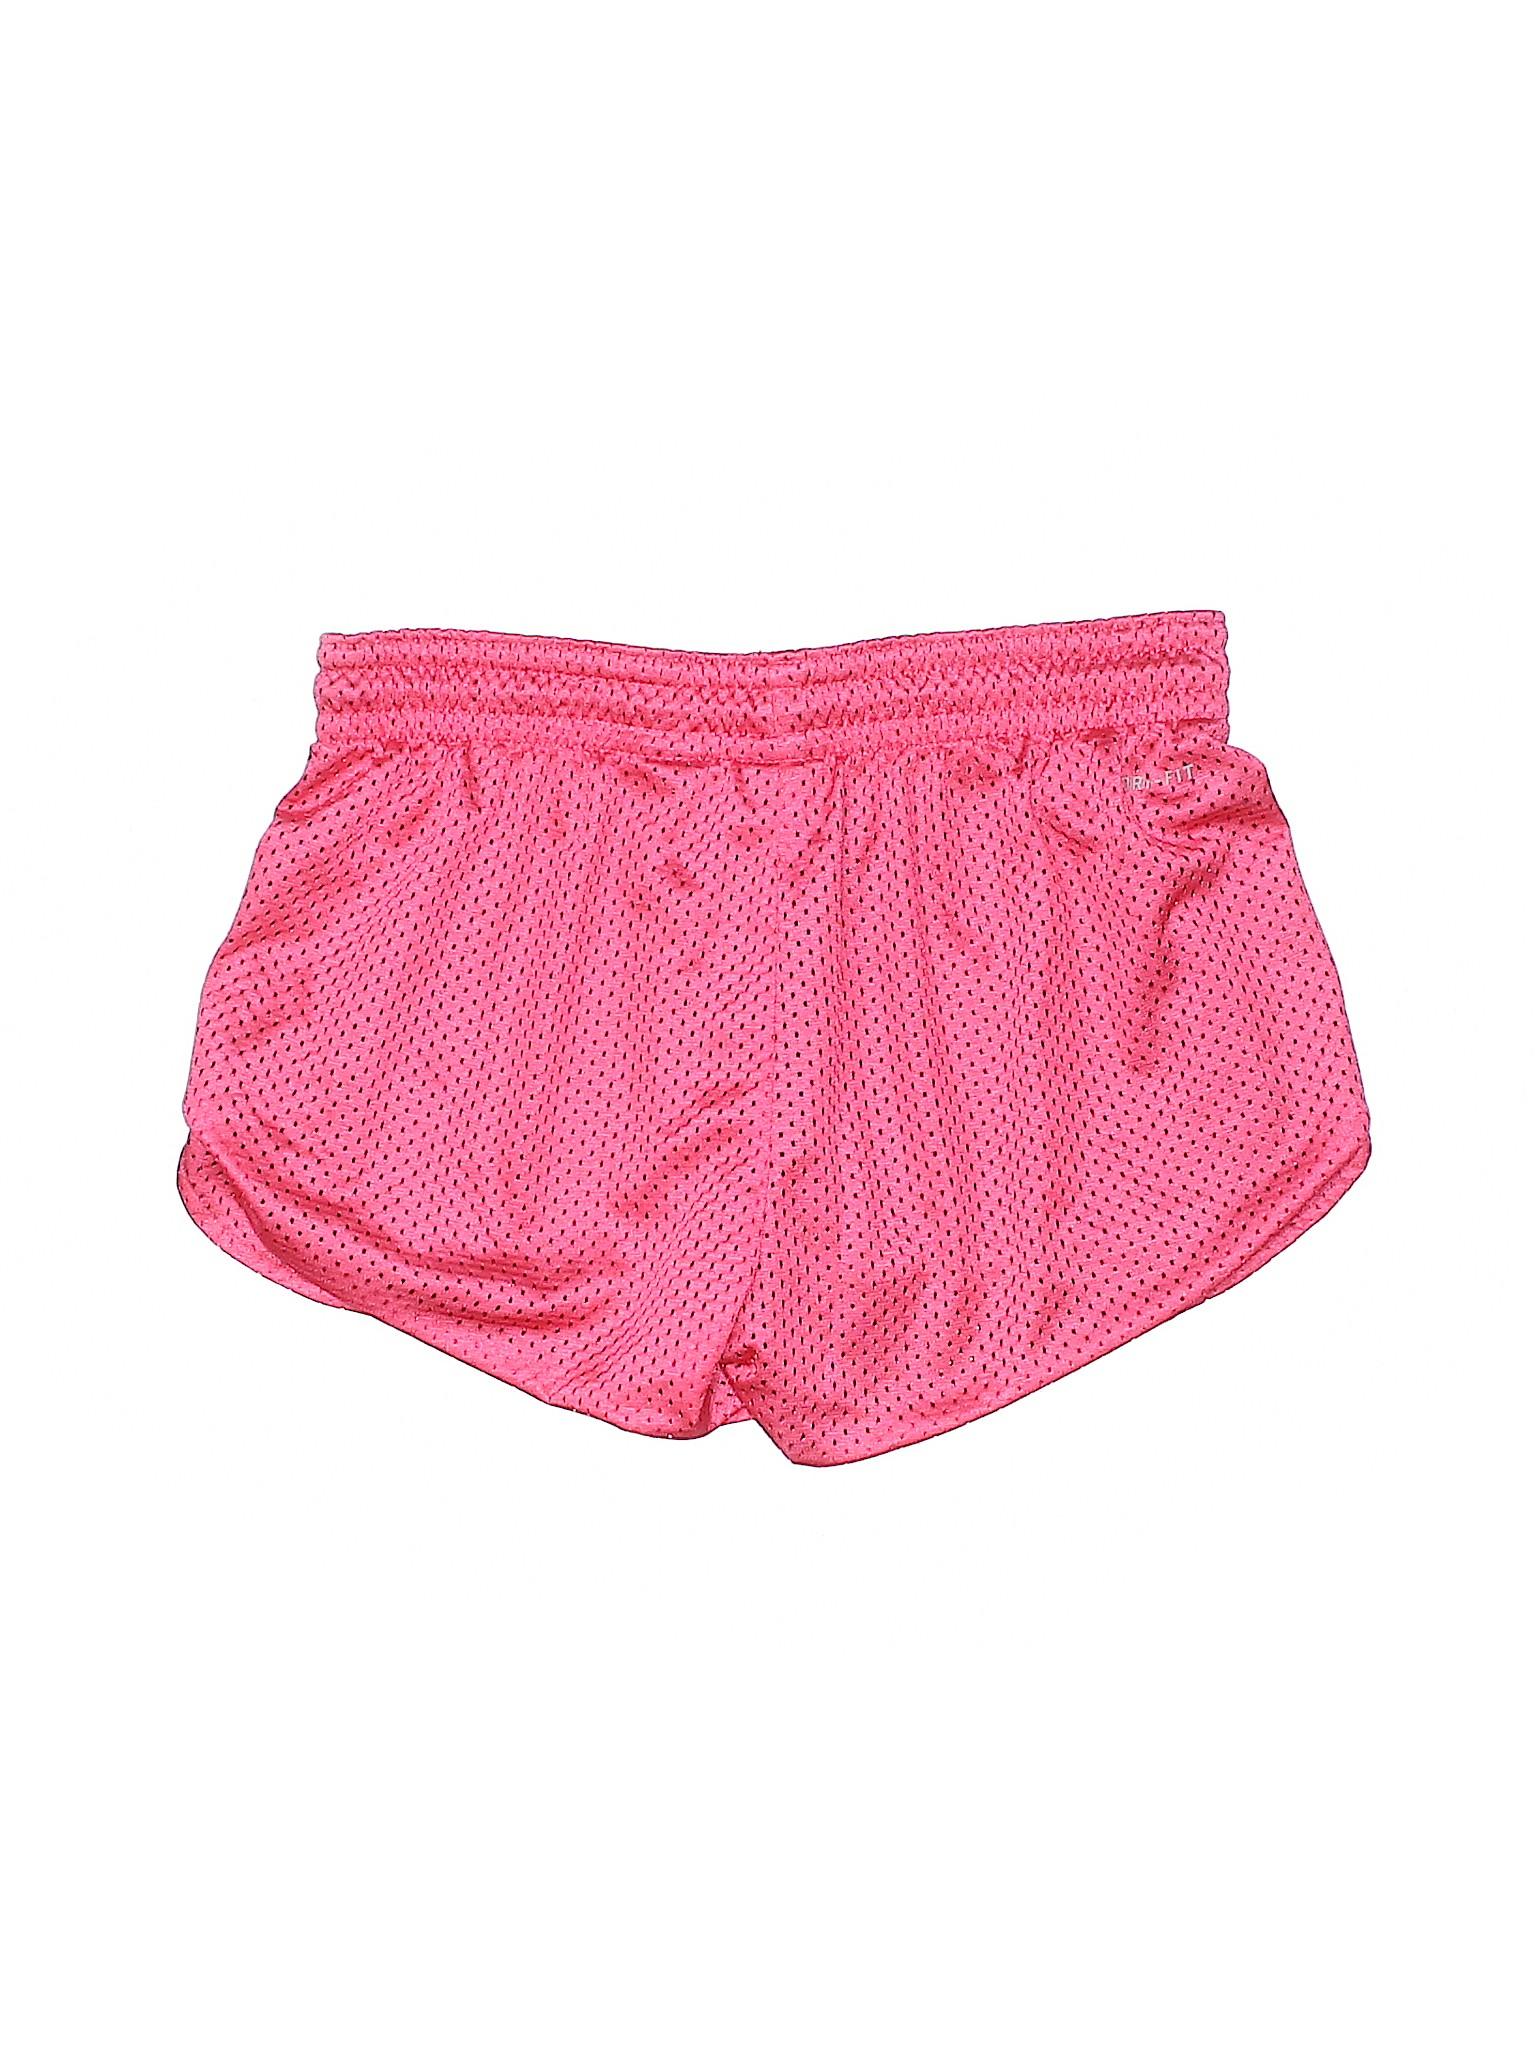 Shorts Boutique leisure Boutique leisure Nike Athletic z5XnTq